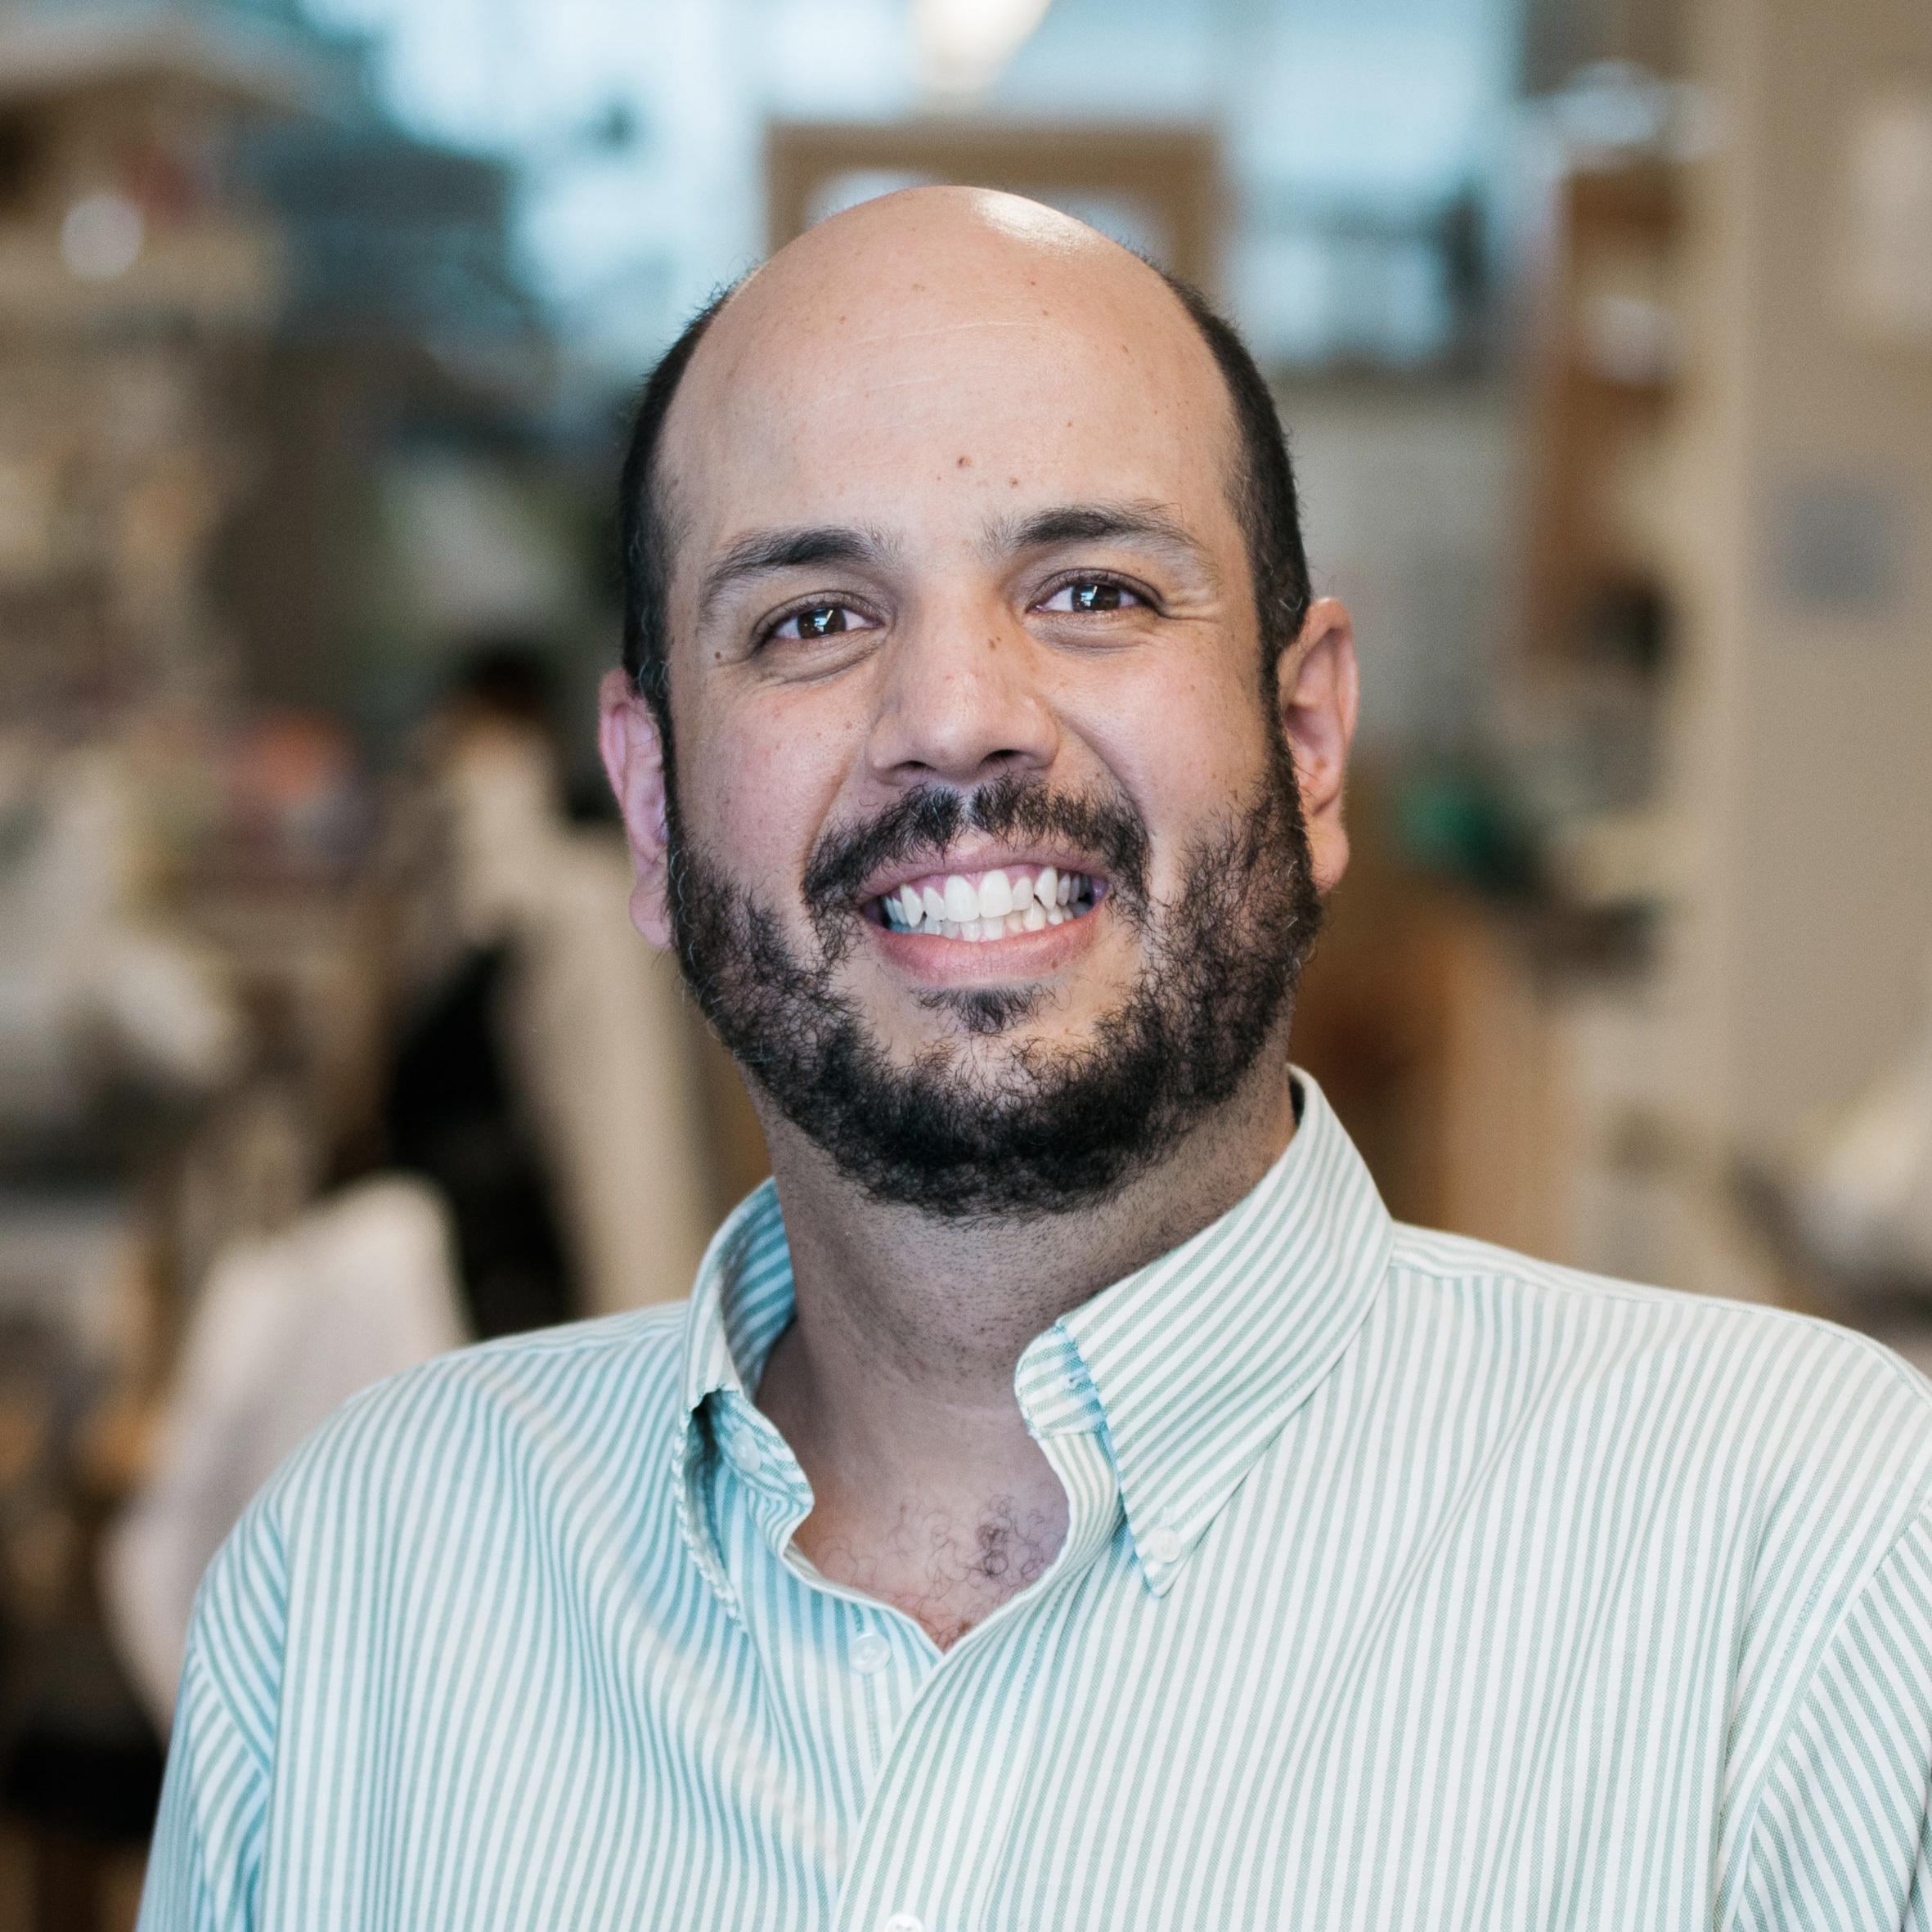 Juan J. Calix, MD/PhD jjcalix [at] wustl.edu